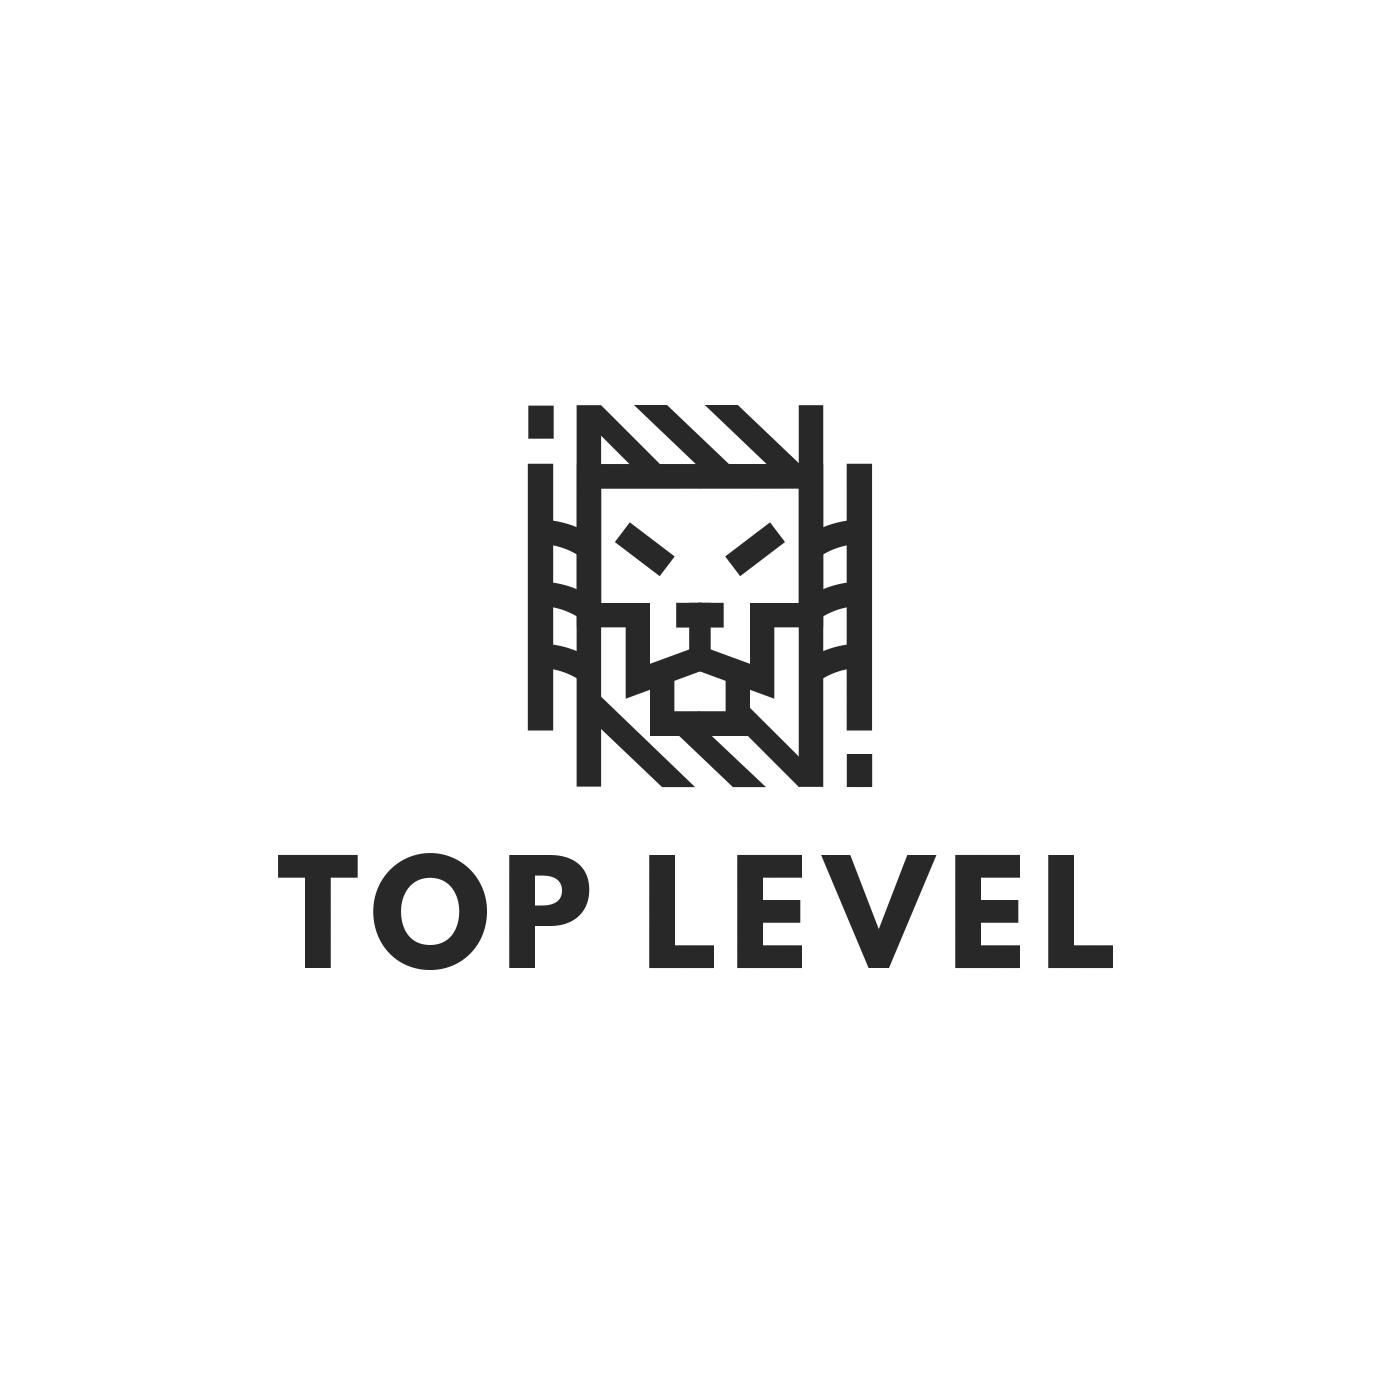 Разработка логотипа для тюнинг ателье фото f_0315f325208a3f7a.png